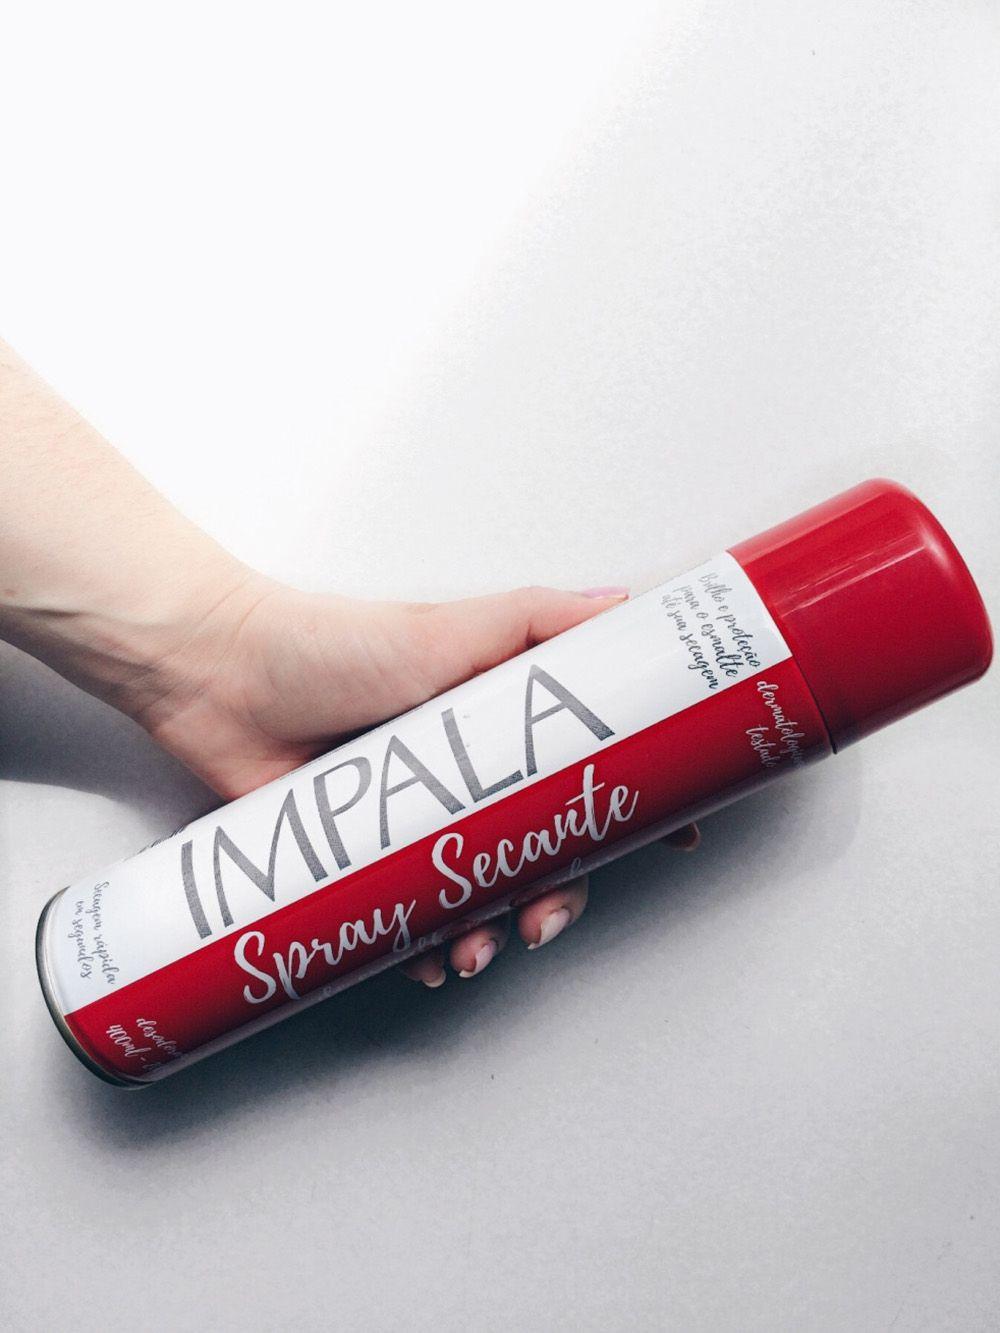 12 Unidades de Spray Secante de unhas Impala